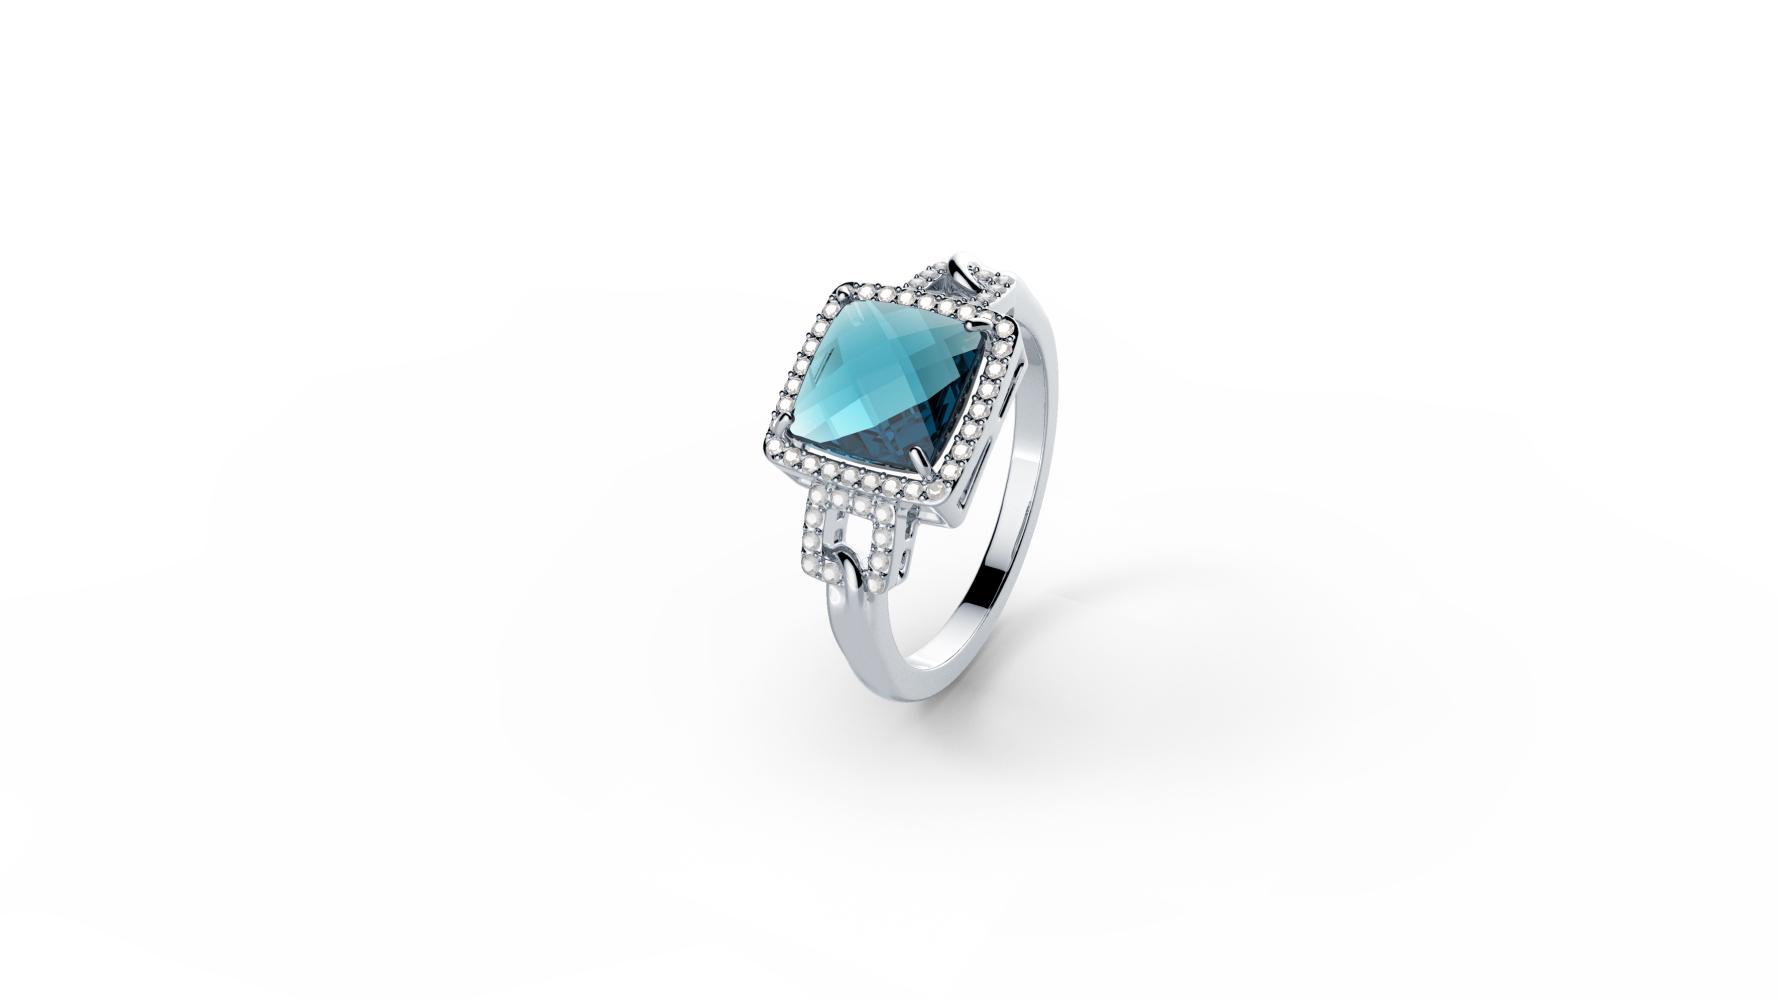 Zlatni prsten s briljantima i topazom_Zaks_ 7.875,00 kn